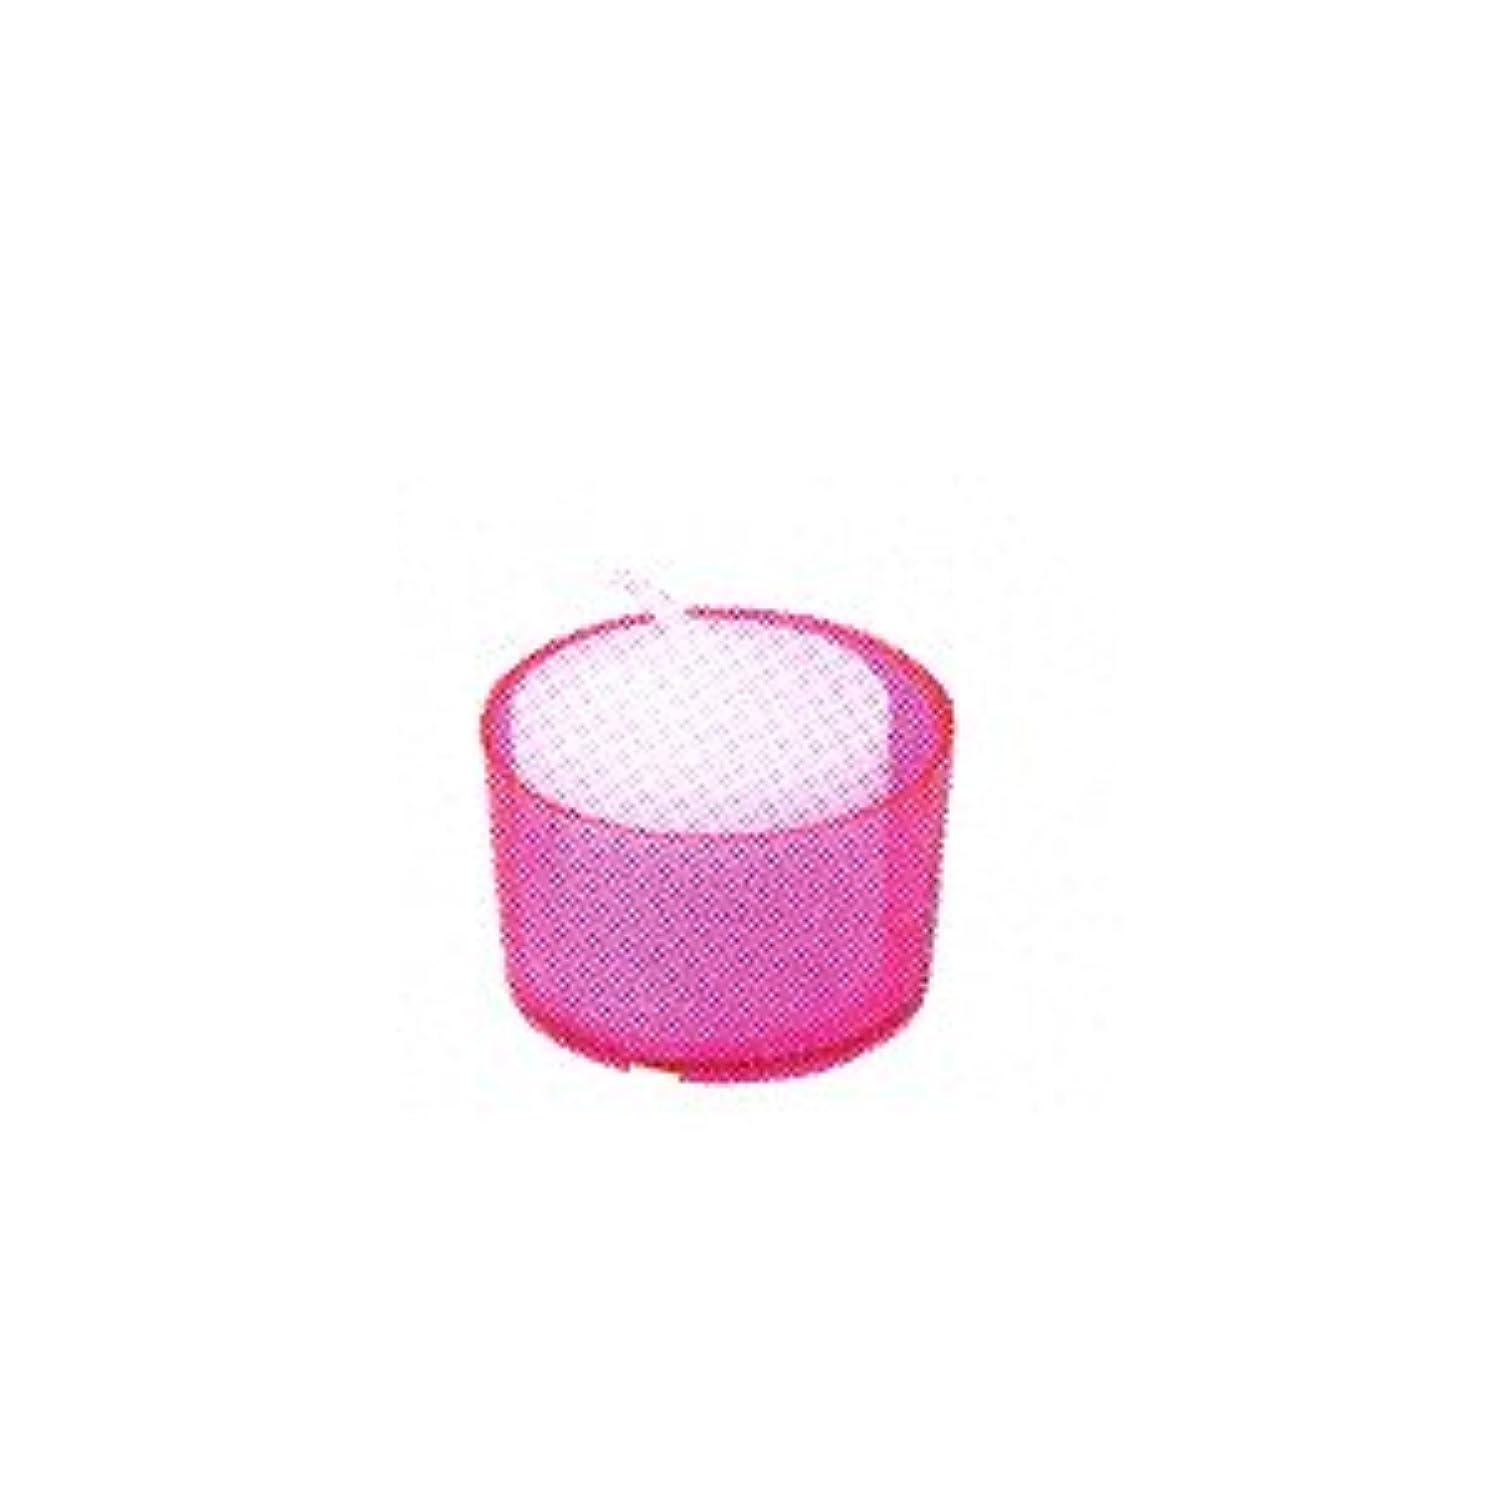 カメヤマキャンドル カラークリアカップ ボーティブ6 ピンク 24個入